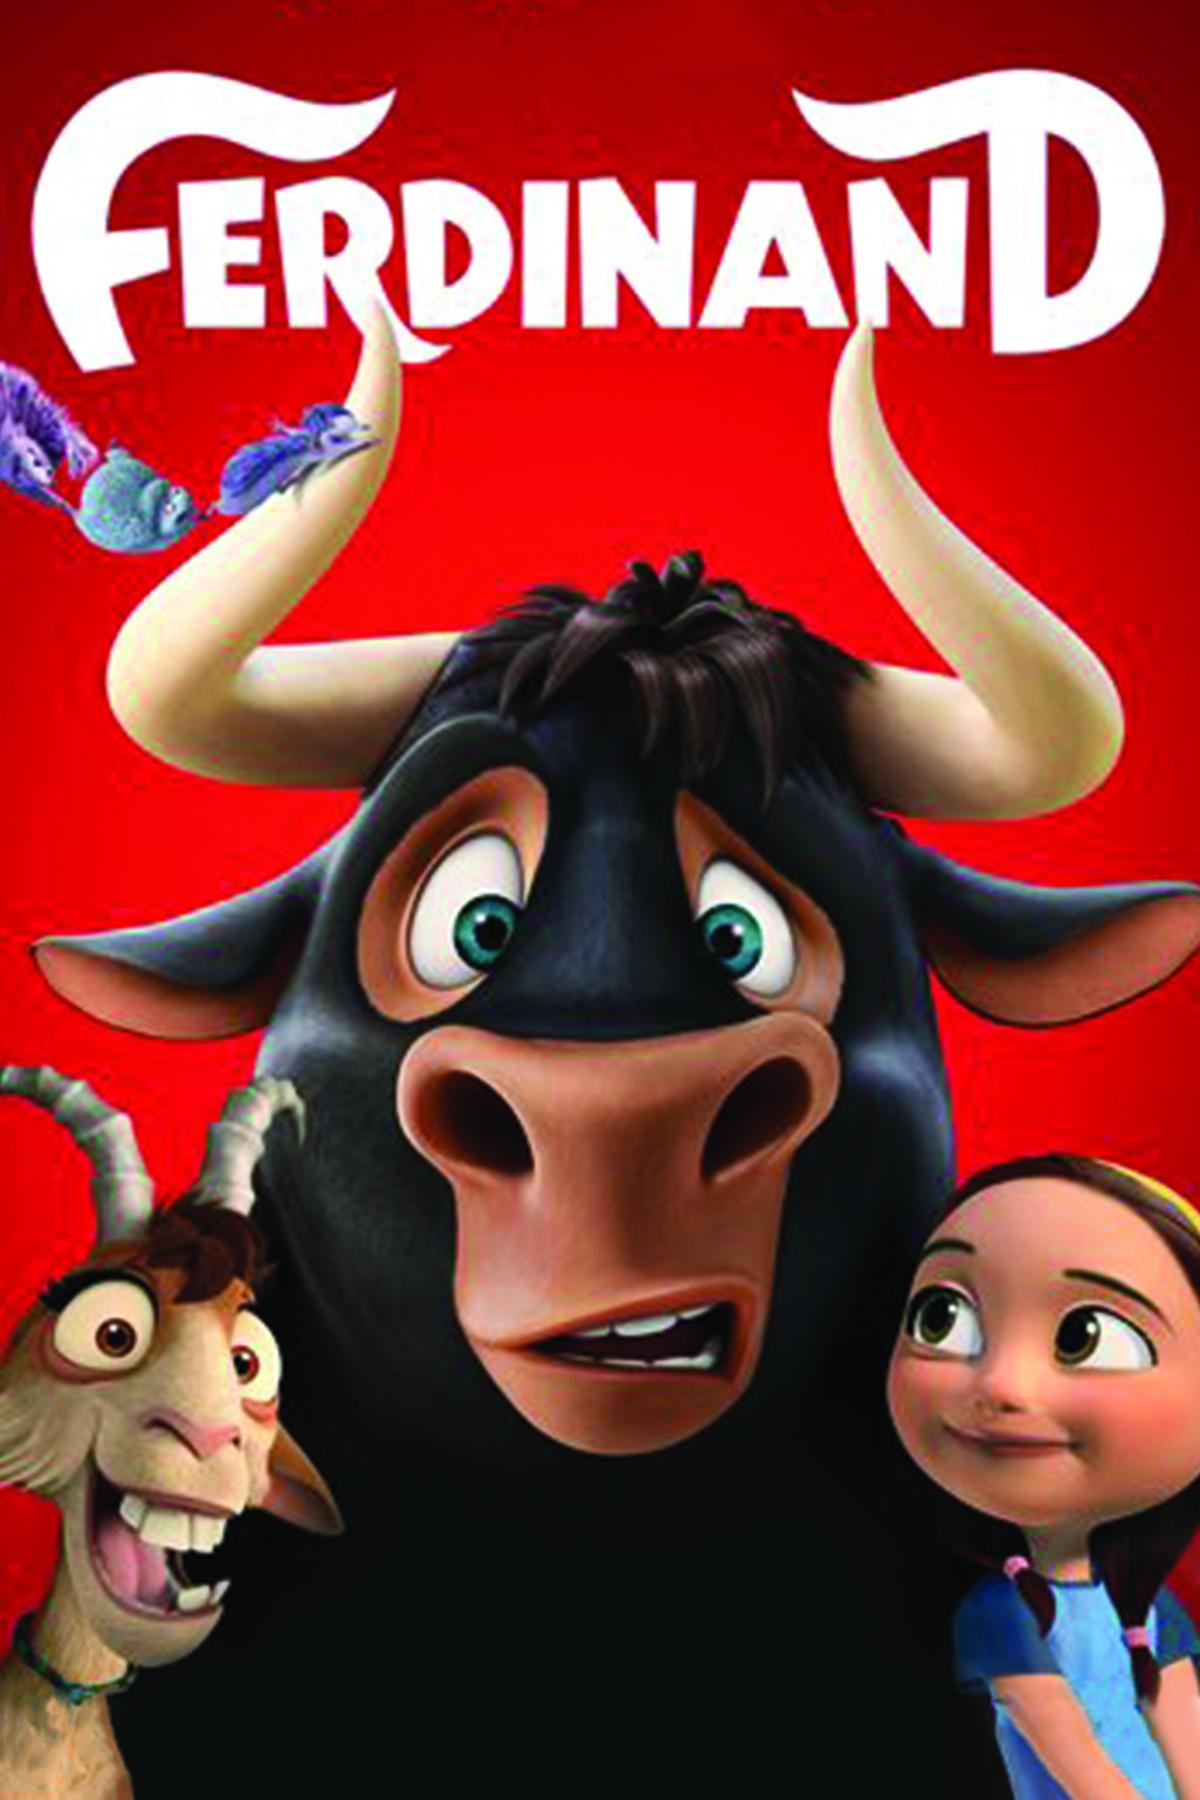 Ferdinand • PG